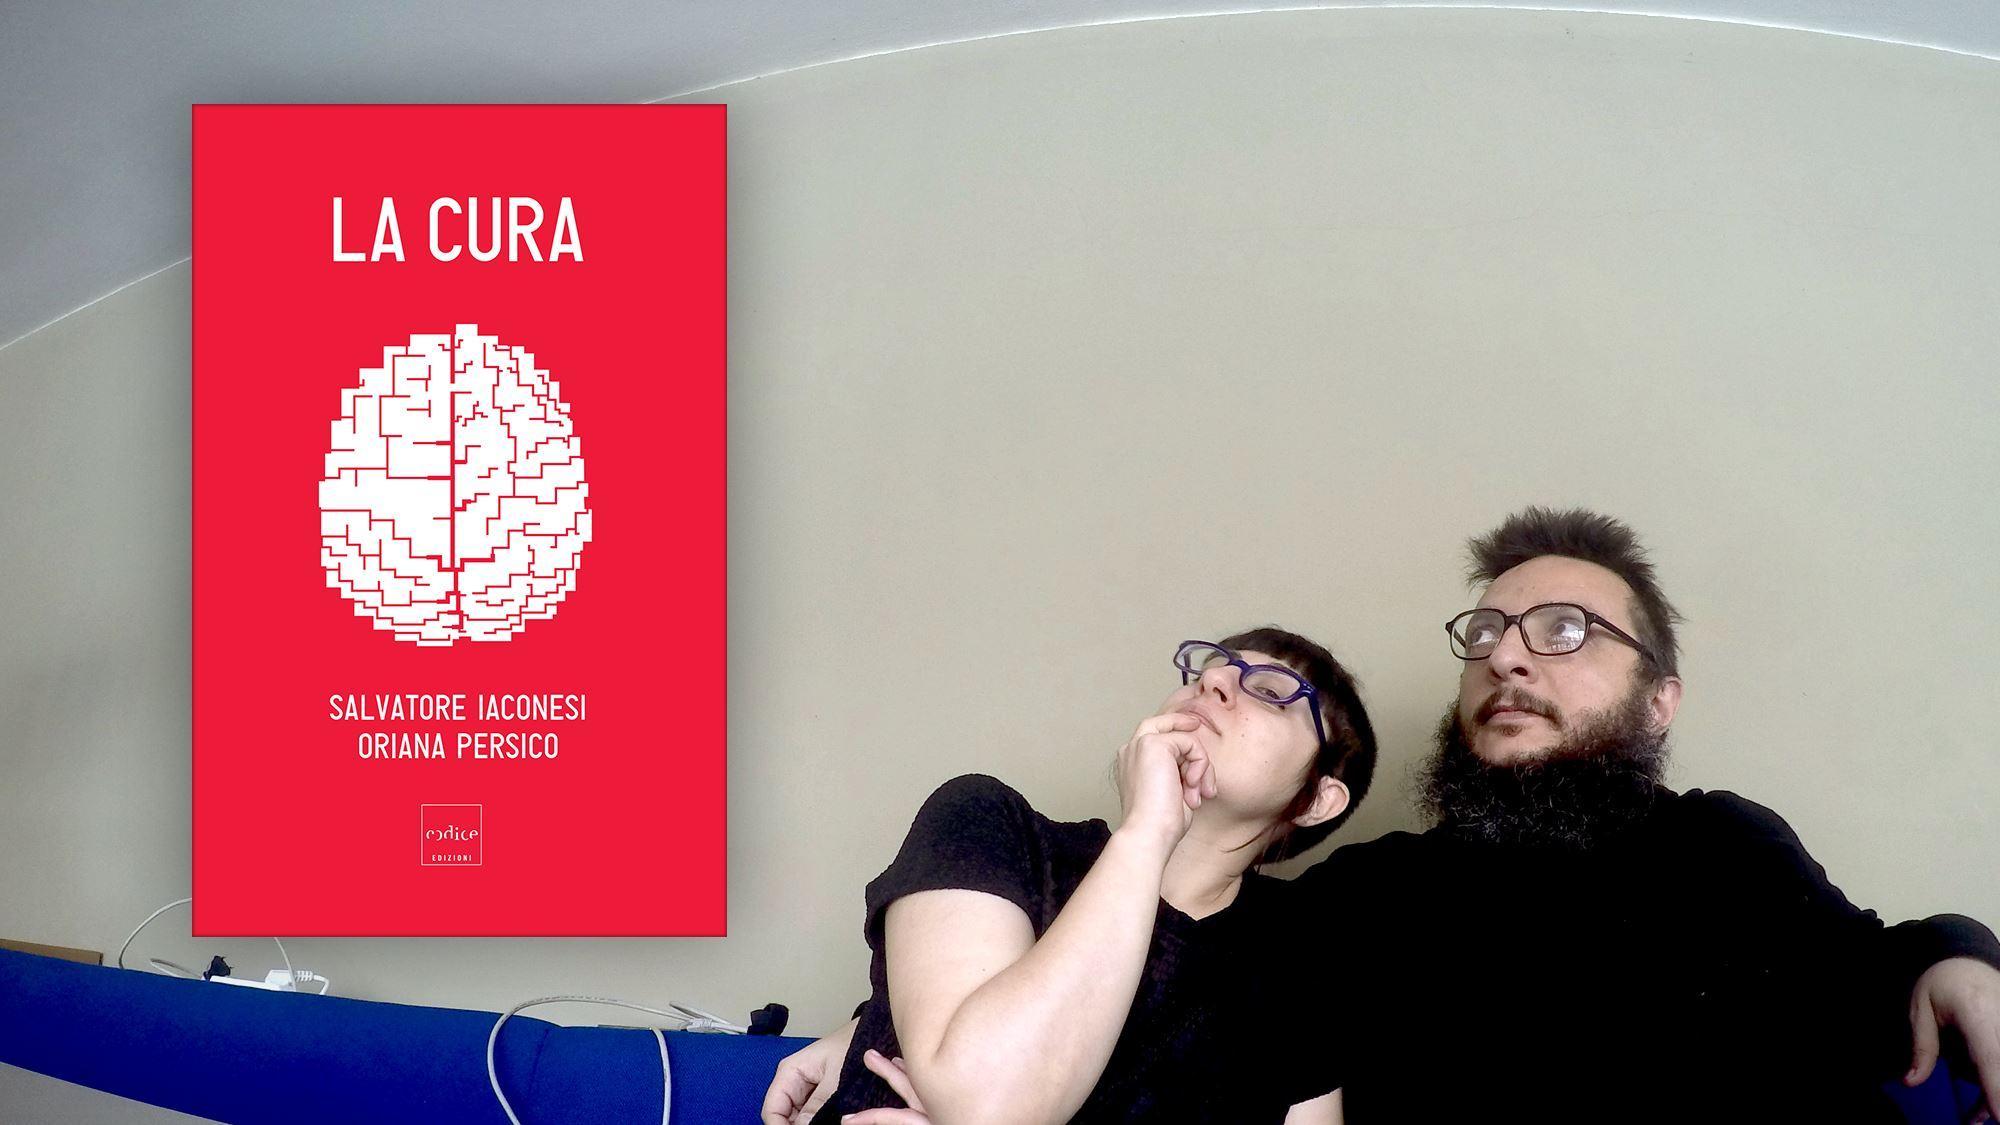 La Cura: parte dalla Campania il tour di presentazione del libro cult sulla rete (e non solo)